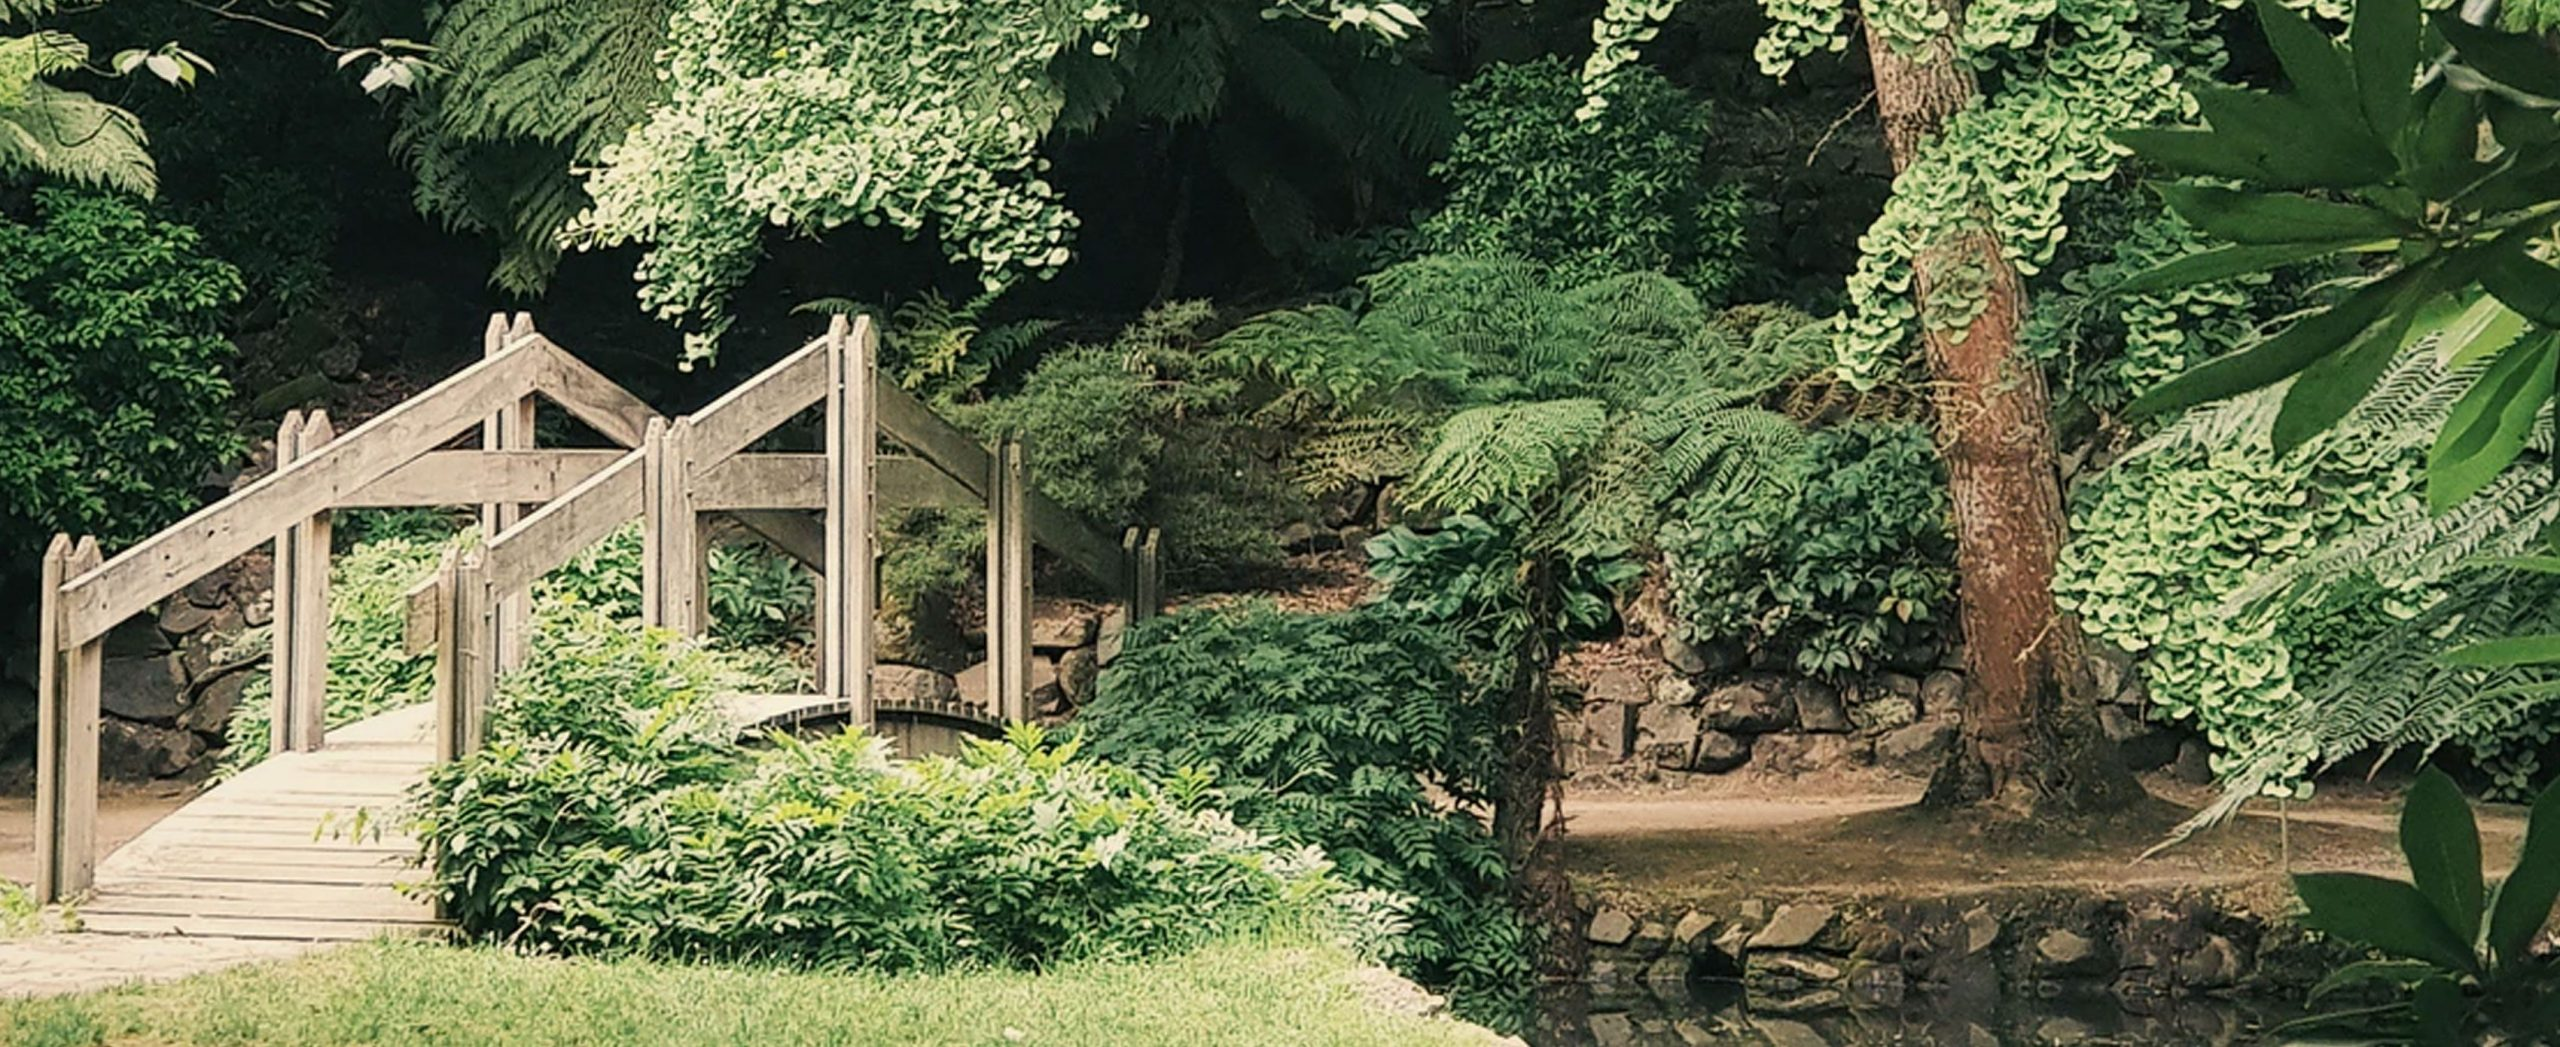 landscaper-testimonials-background